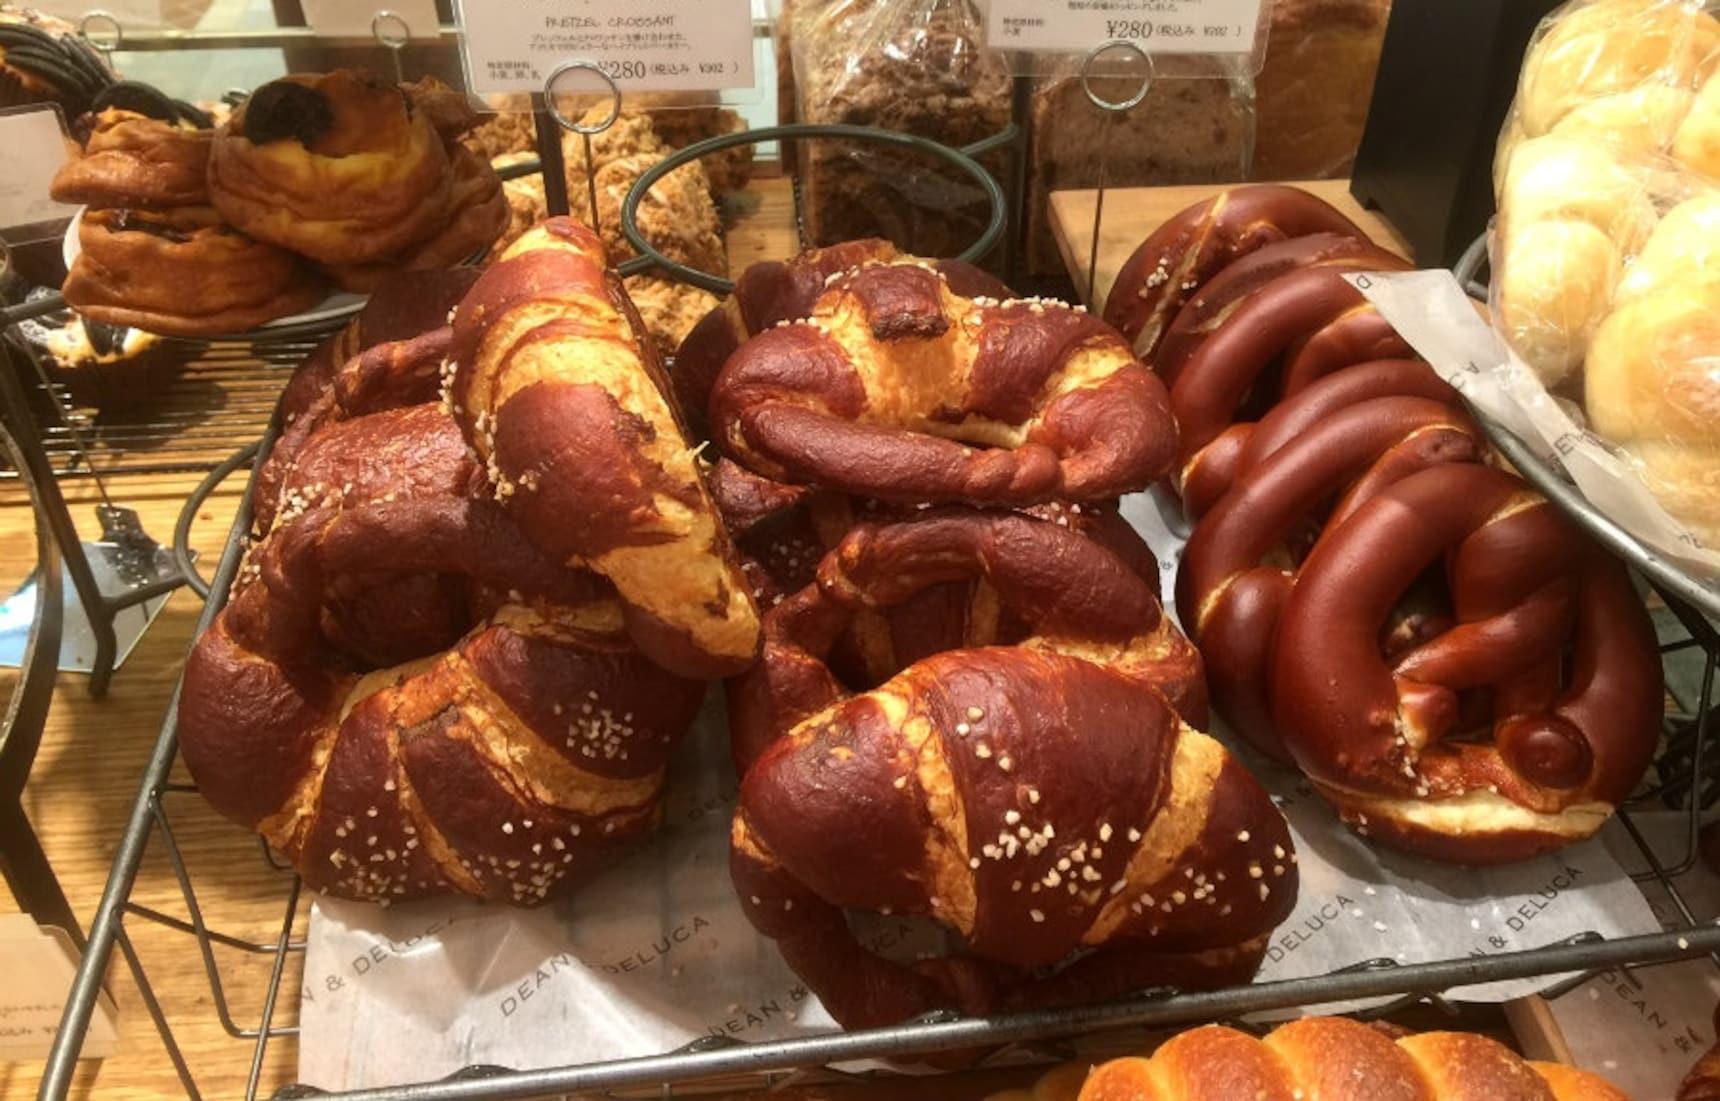 Dean & DeLuca Bread, Ranked